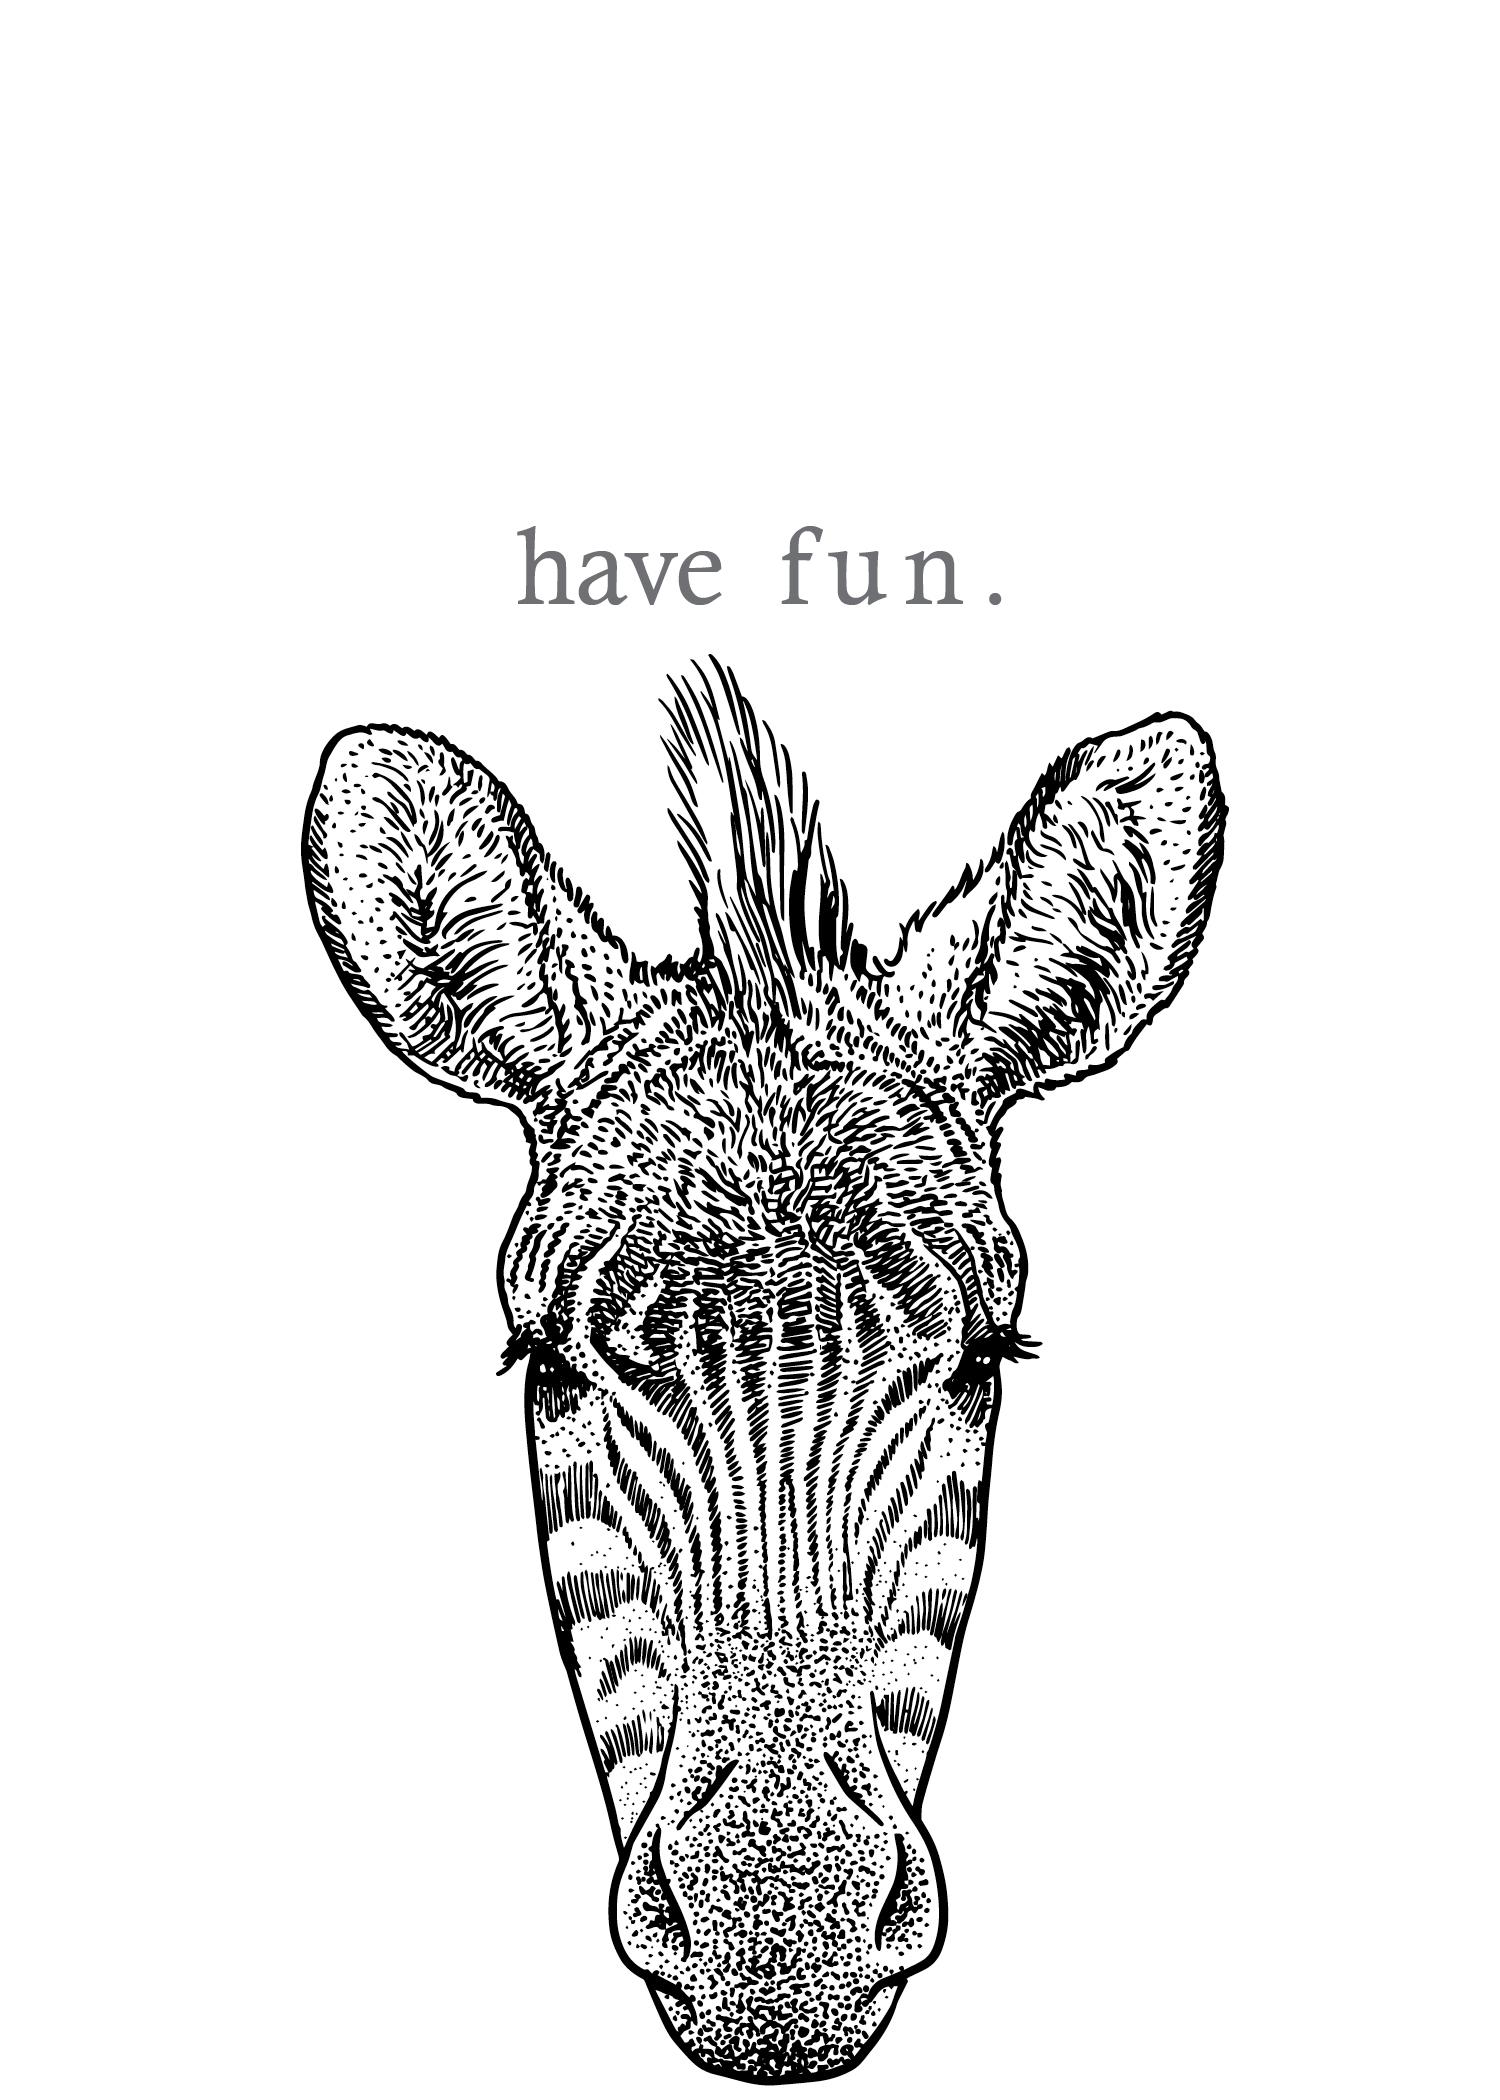 zebra - have fun